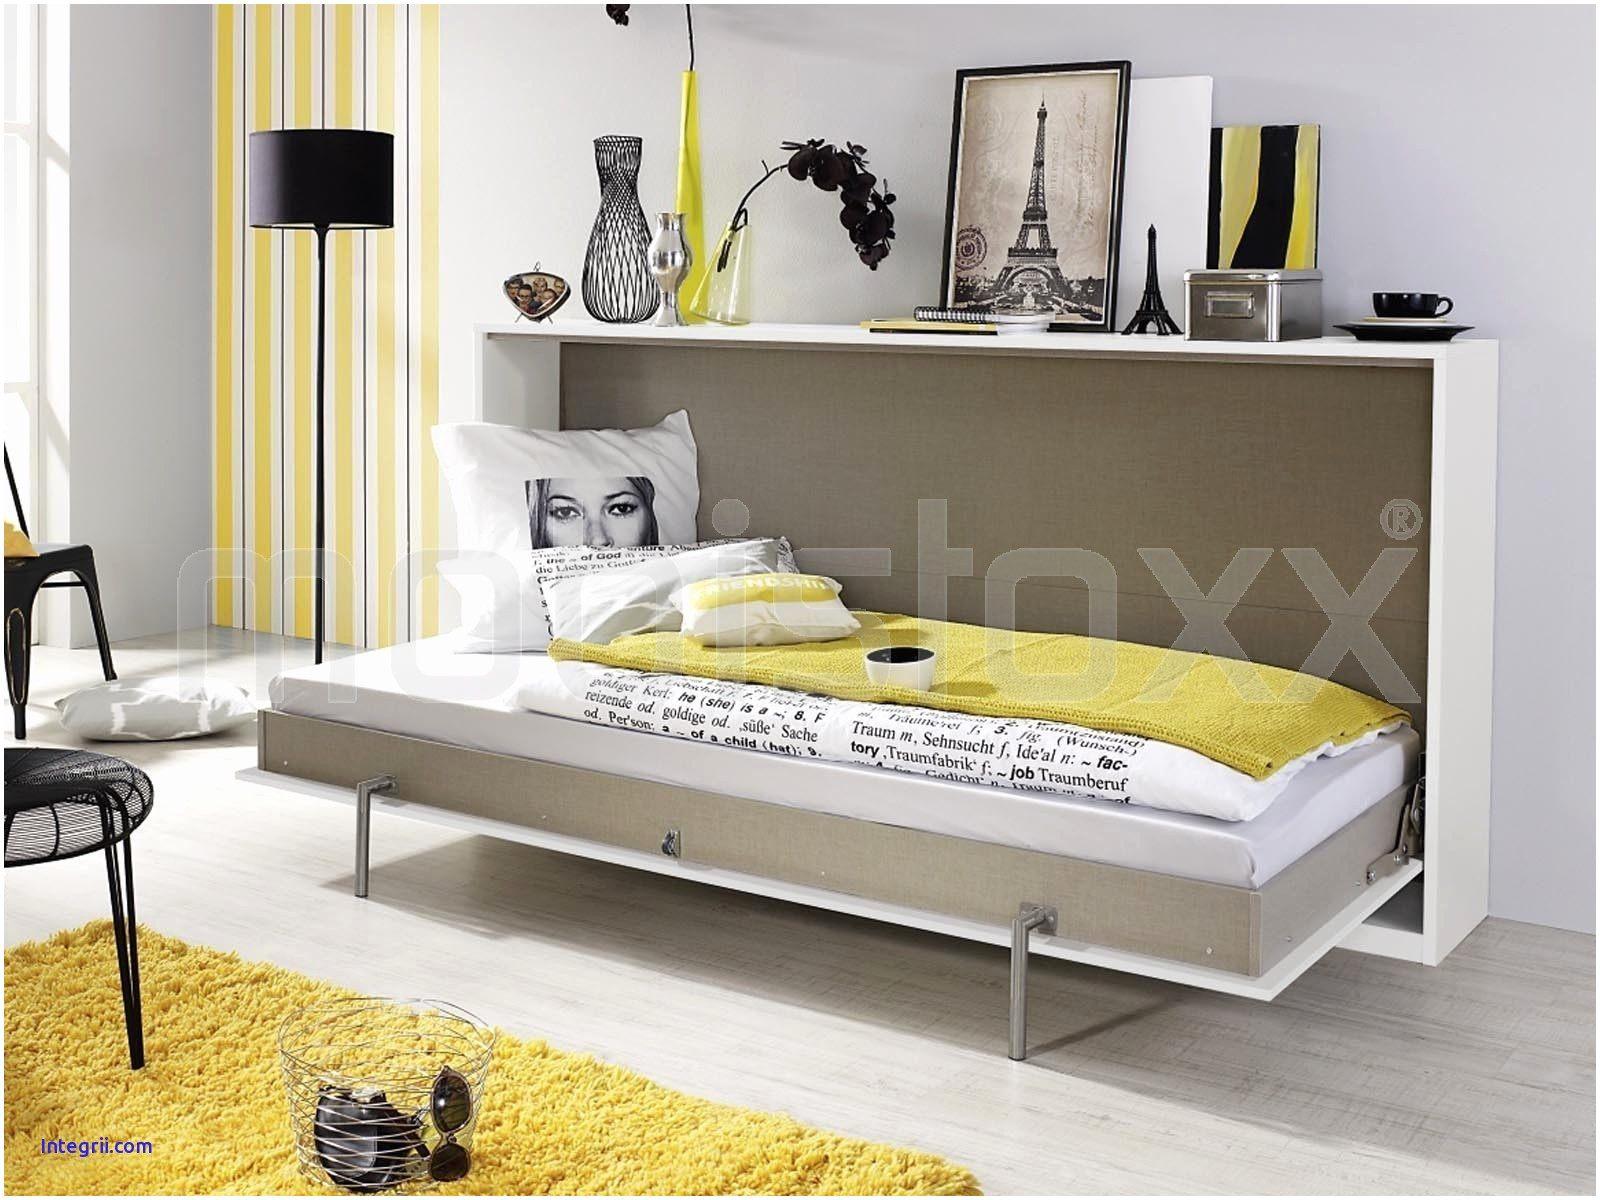 Armoire Lit Escamotable Ikea Meilleur De Enchanteur Ikea Lit Armoire Escamotable Ou Armoire Lit Escamotable